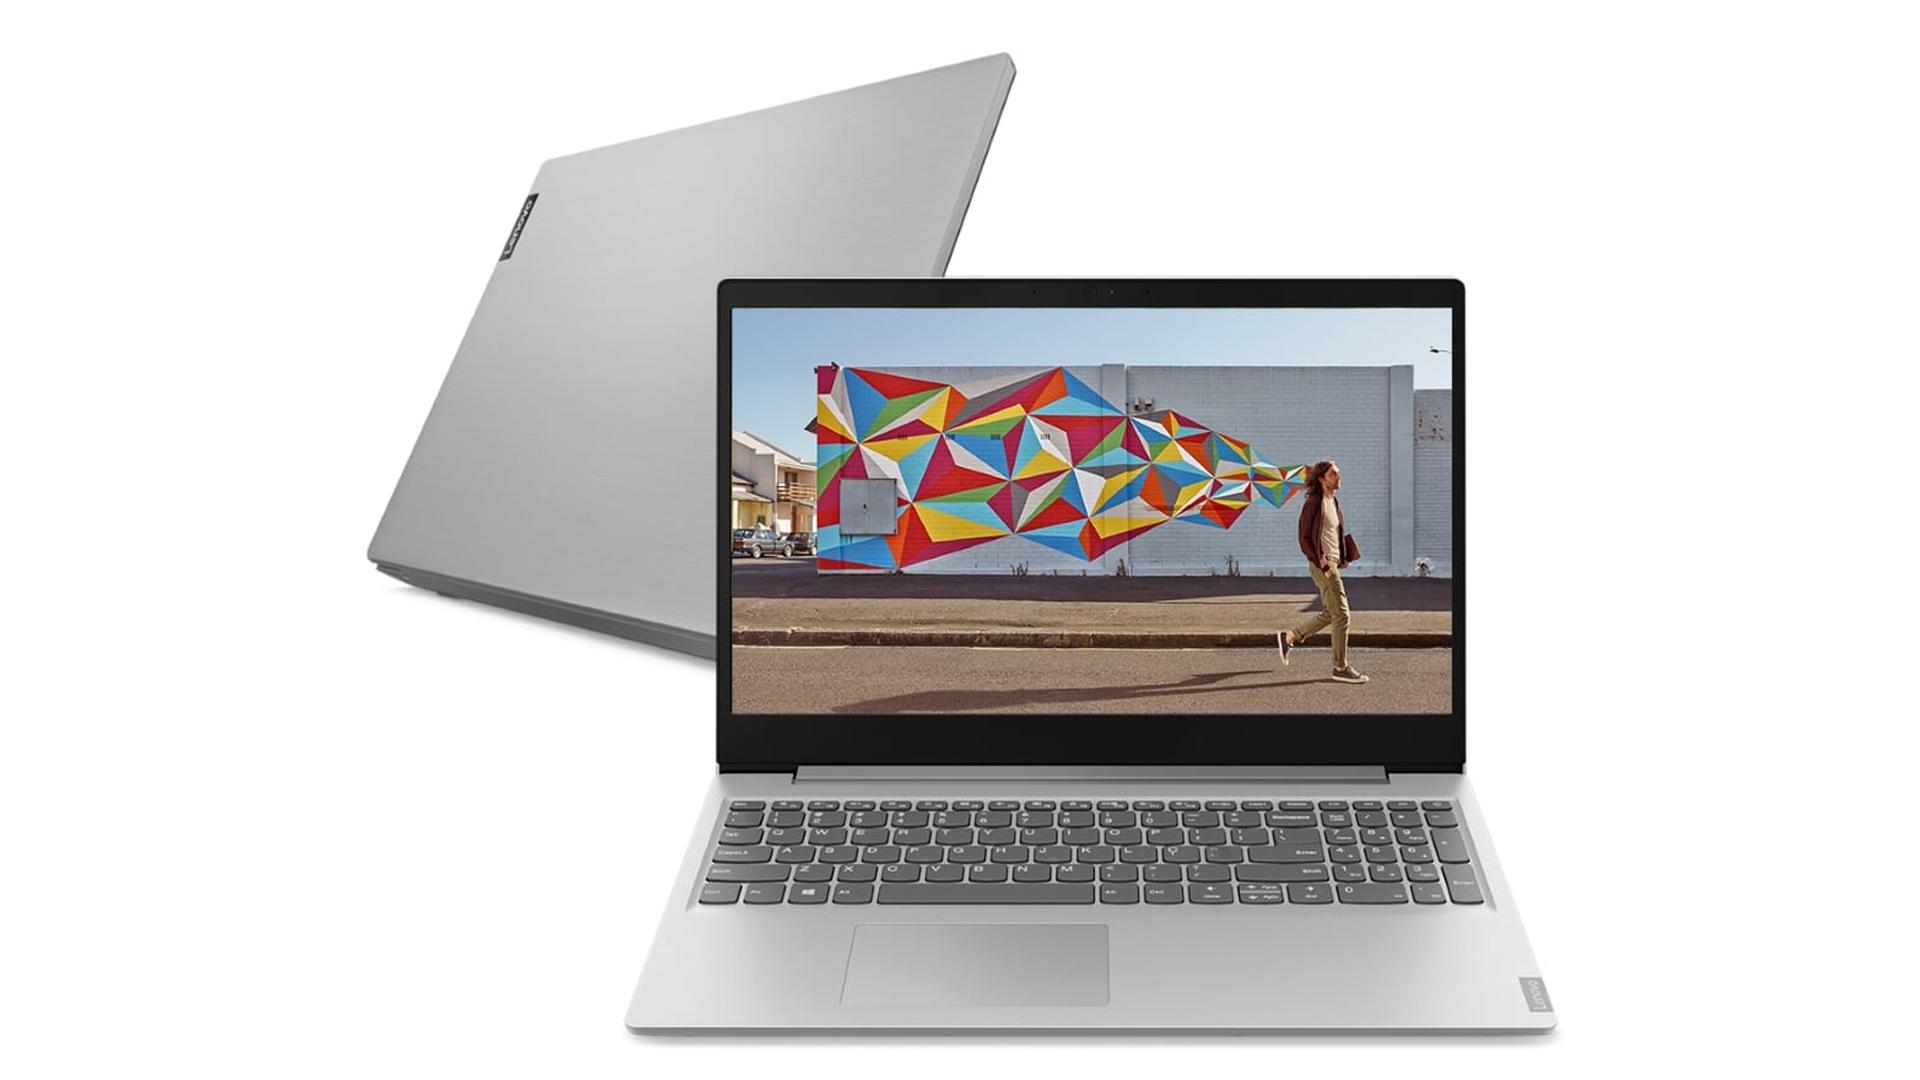 Design do IdeaPad S145 (81S90005BR)